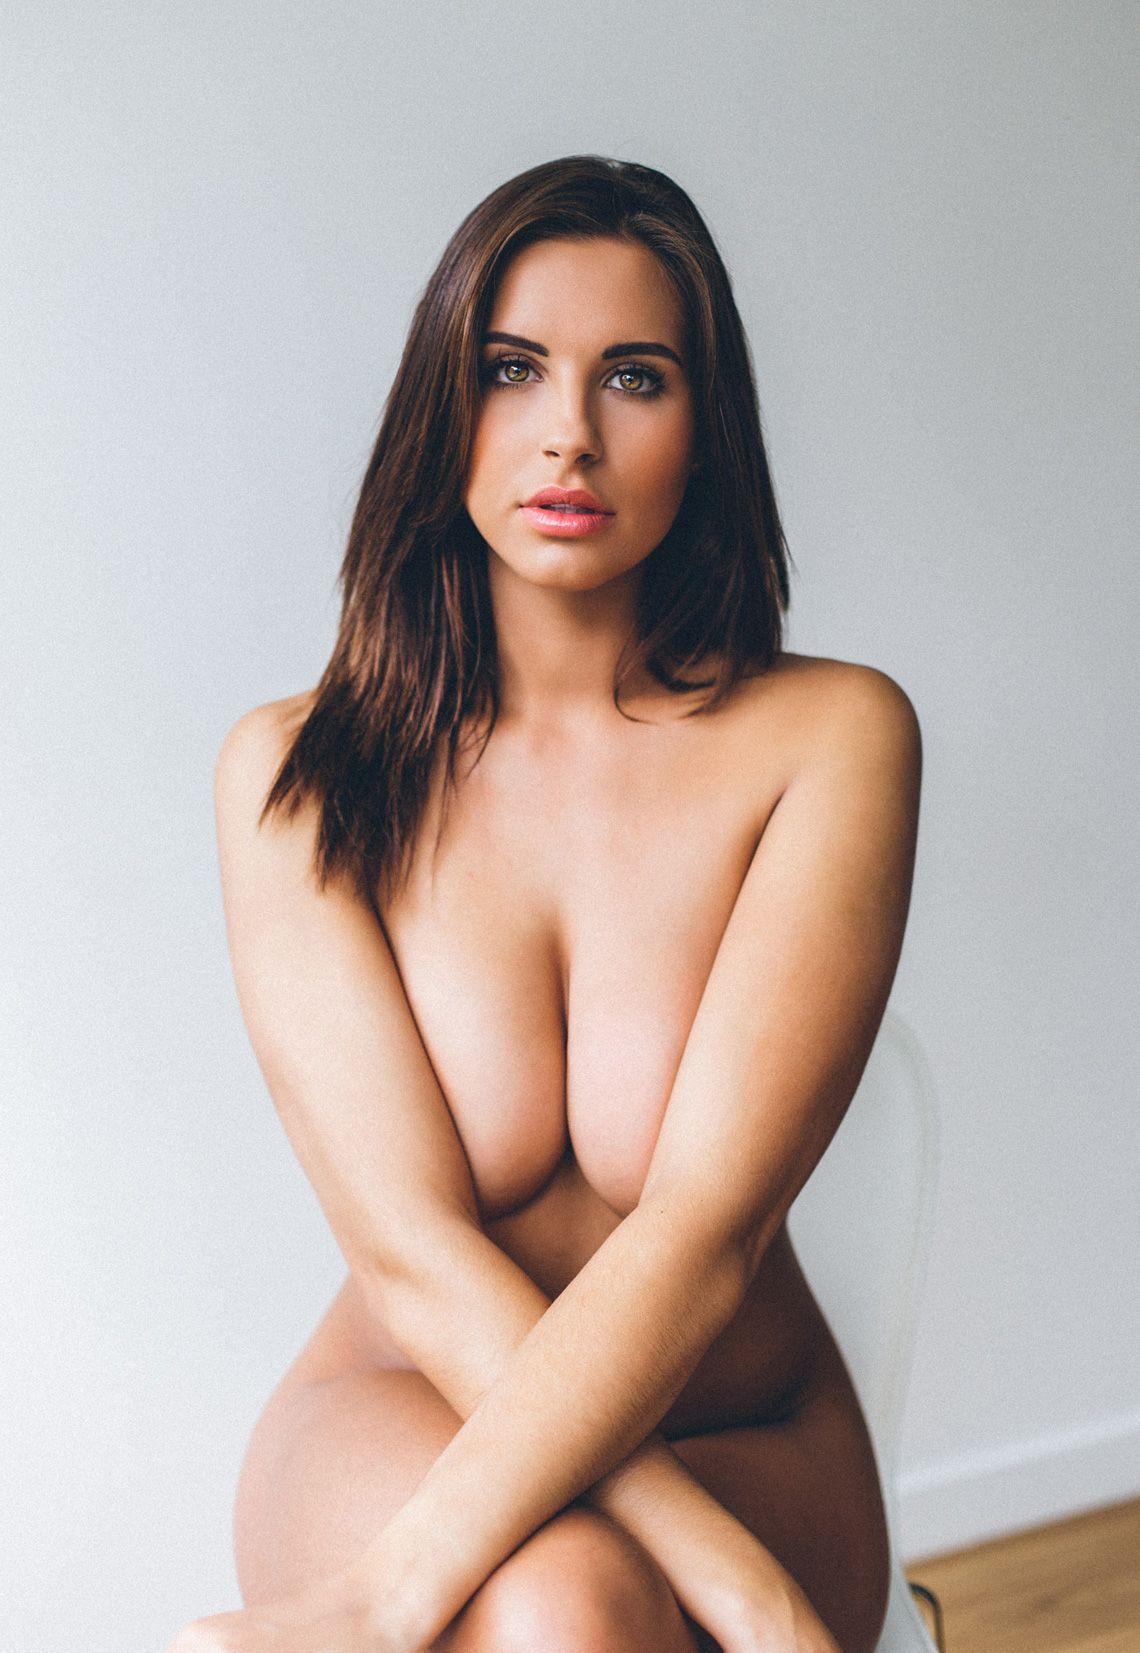 Thread Video Nude Katarina Witt